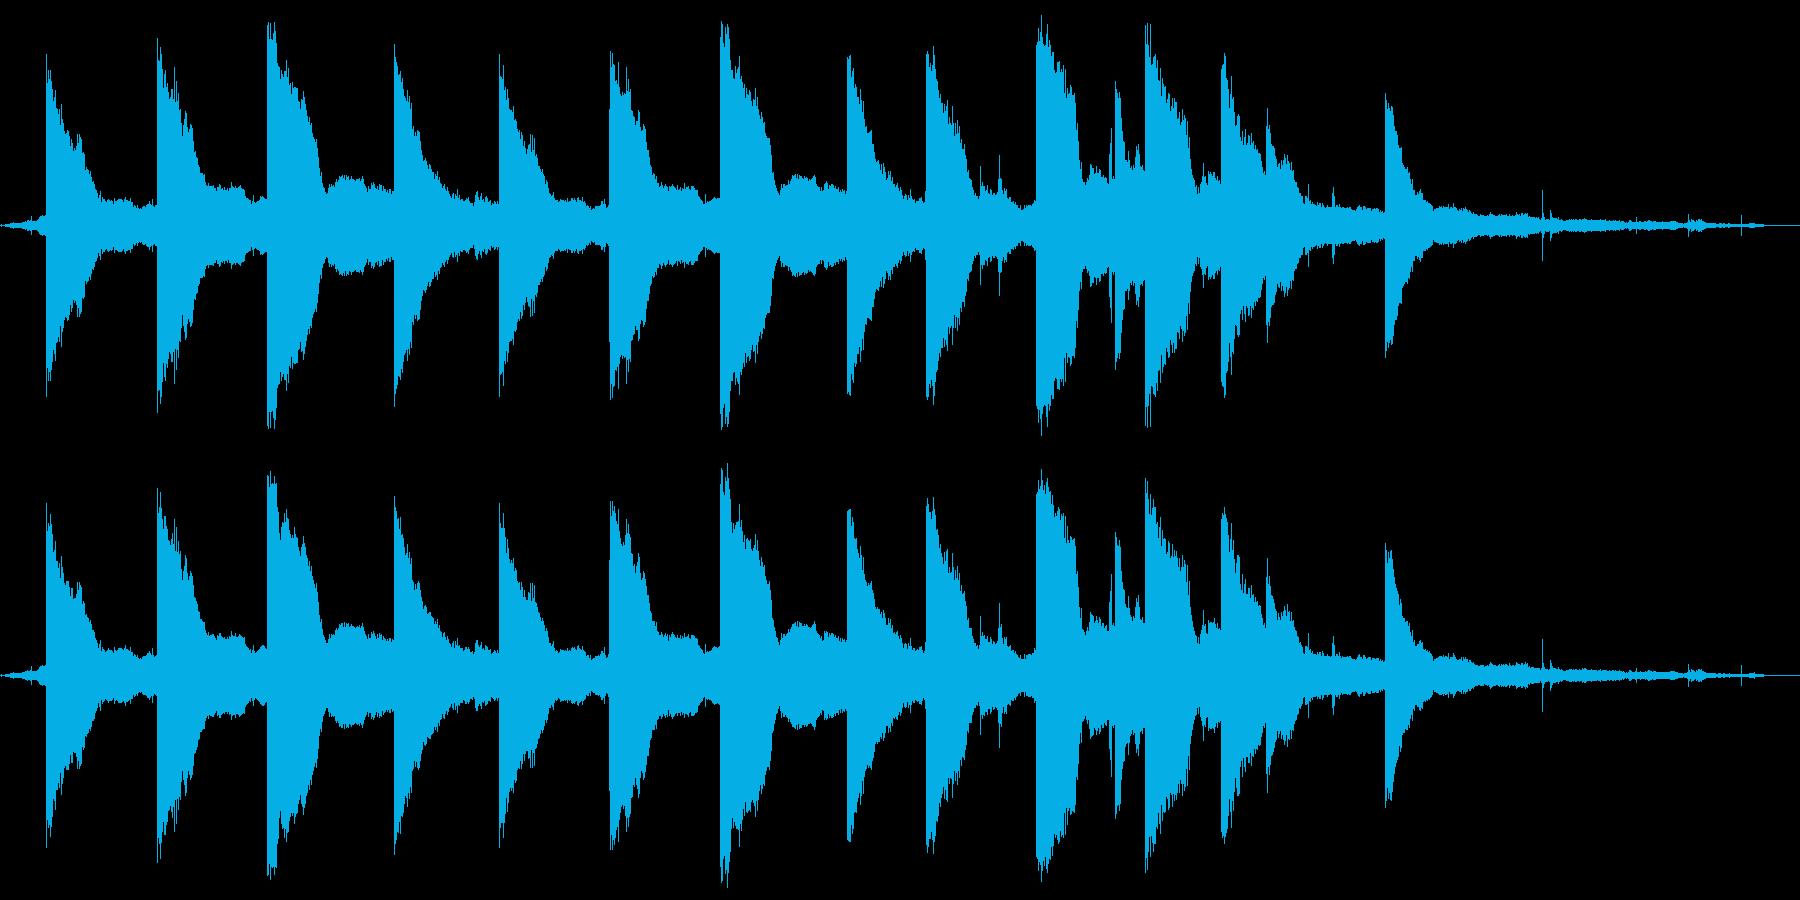 神戸・ルミナリエ会場の鐘の音ですの再生済みの波形